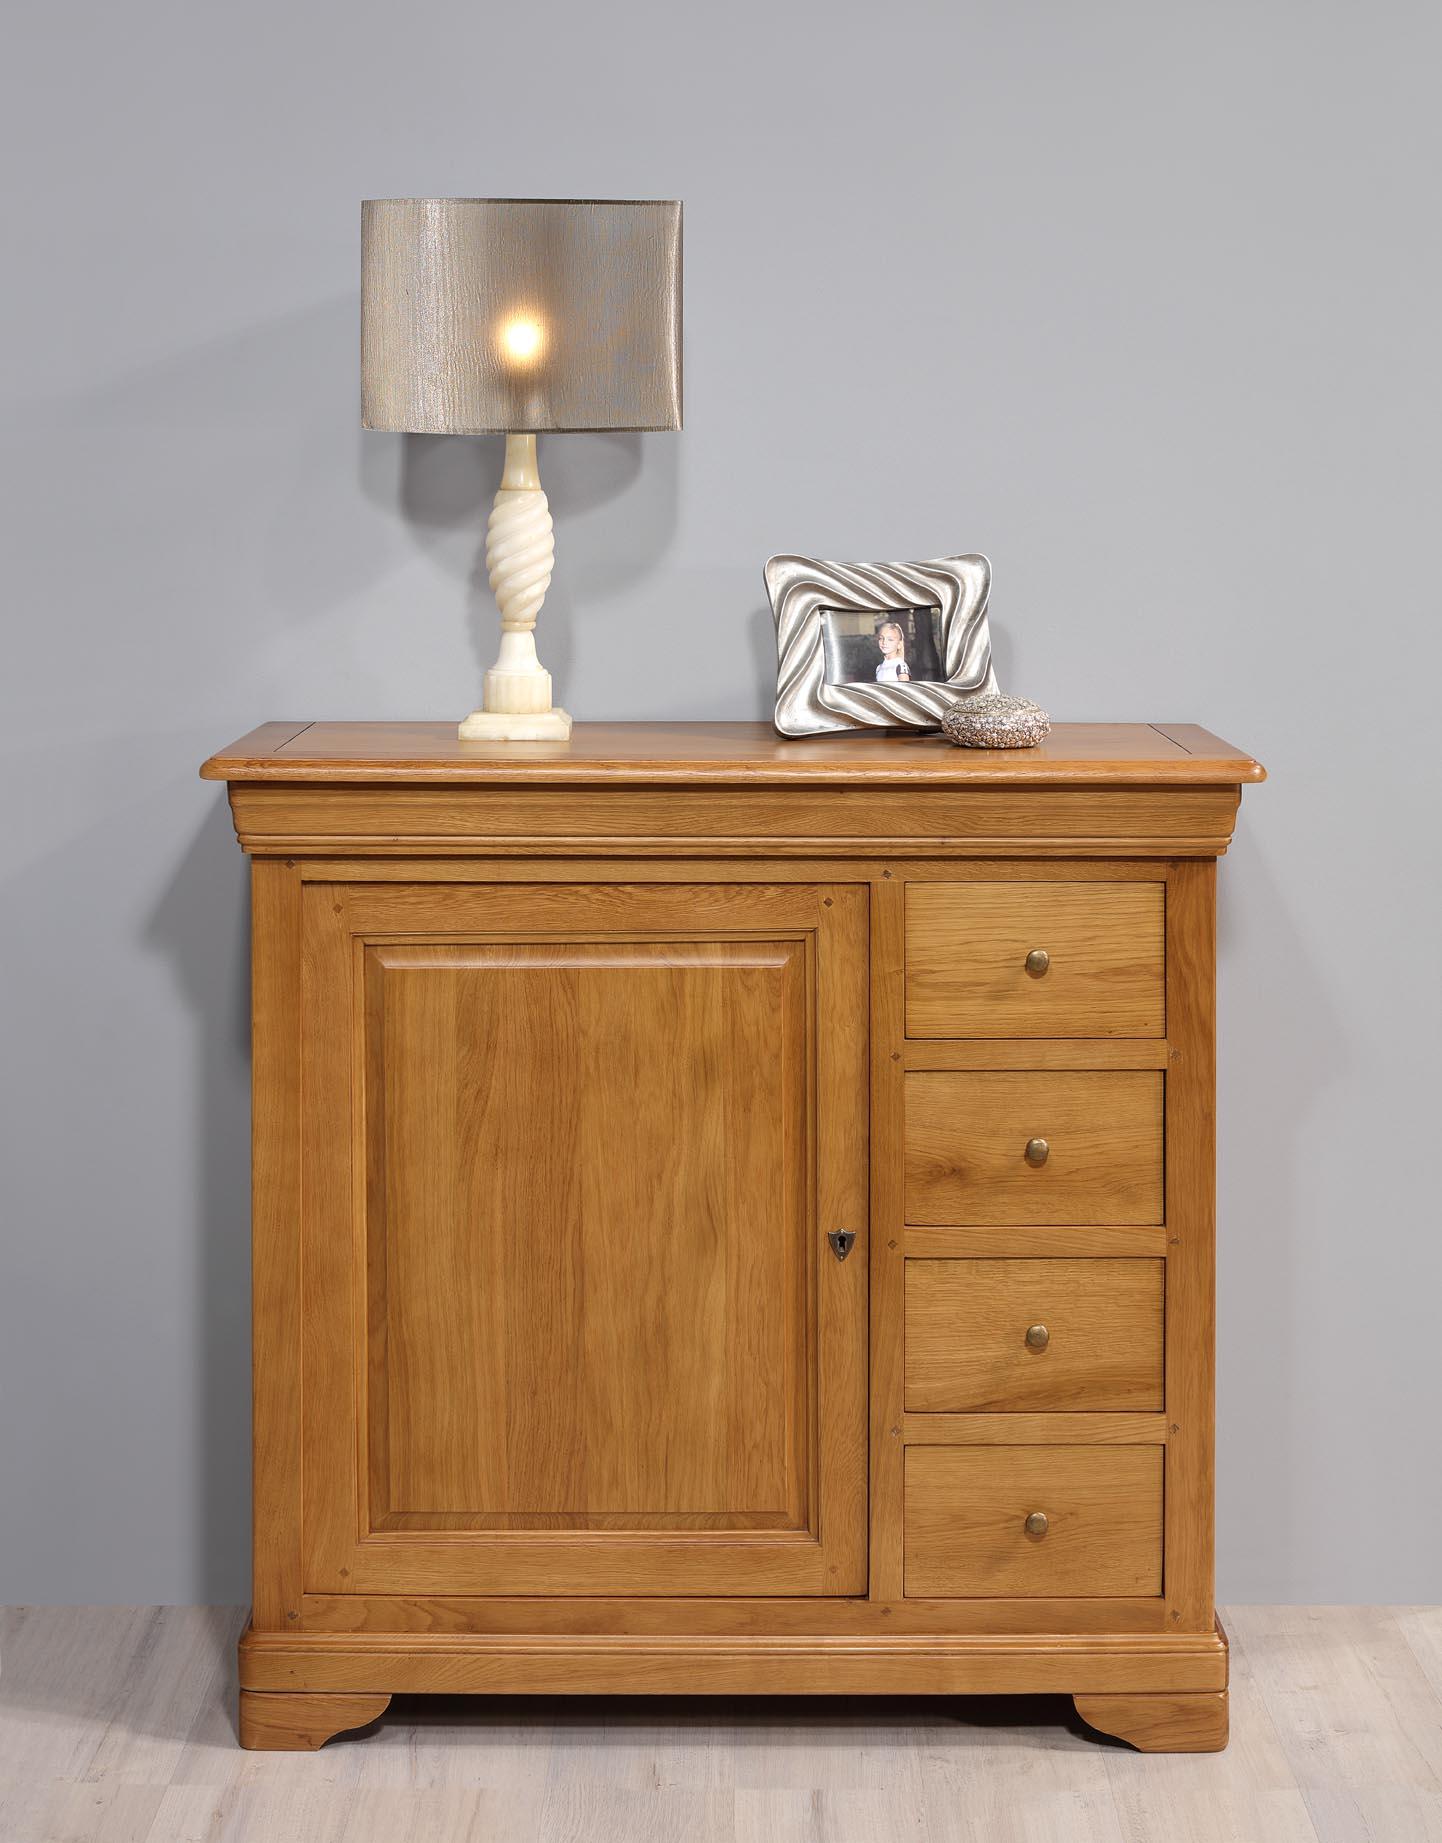 Meuble de rangement 1 porte 5 tiroirs Jean  en Chêne Massif de style Louis Philippe Longueur 110 cm